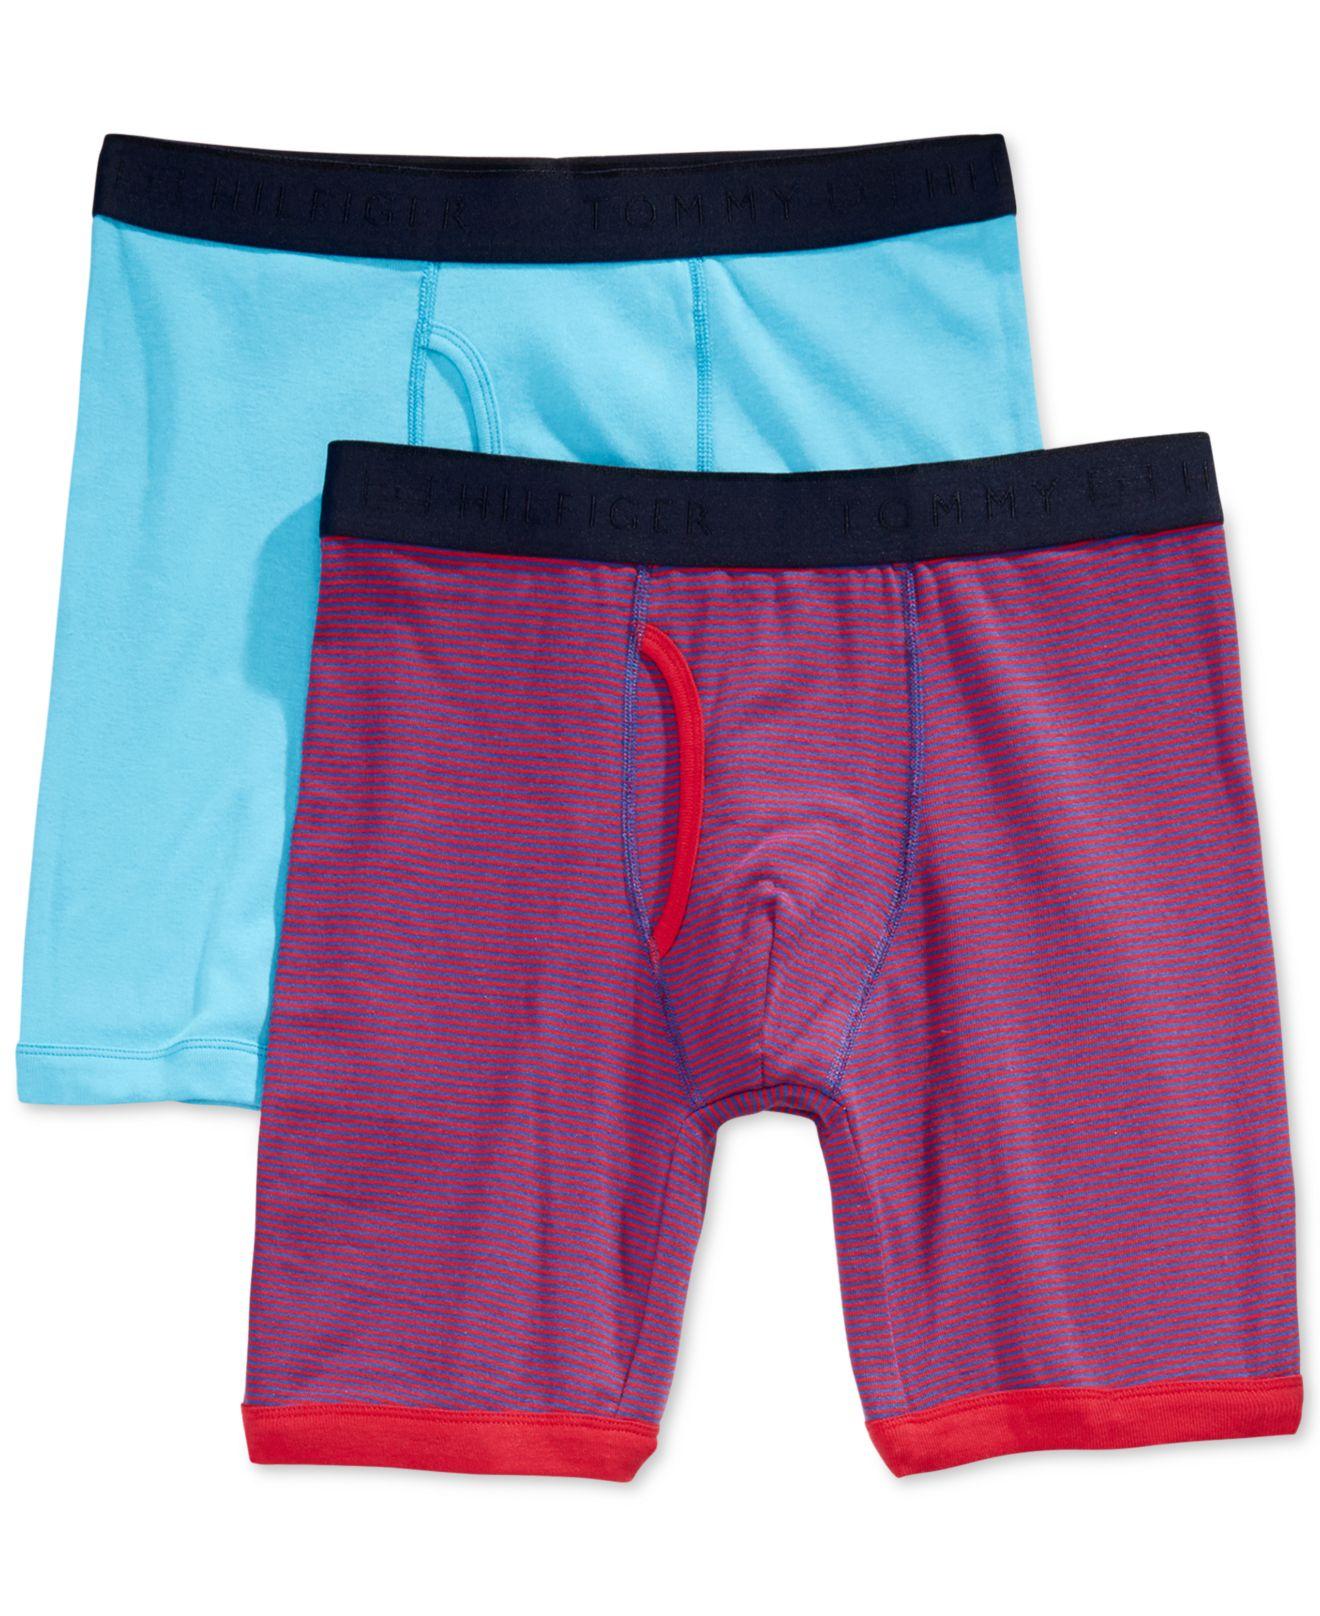 tommy hilfiger 2 pack boxer briefs in blue for men lyst. Black Bedroom Furniture Sets. Home Design Ideas